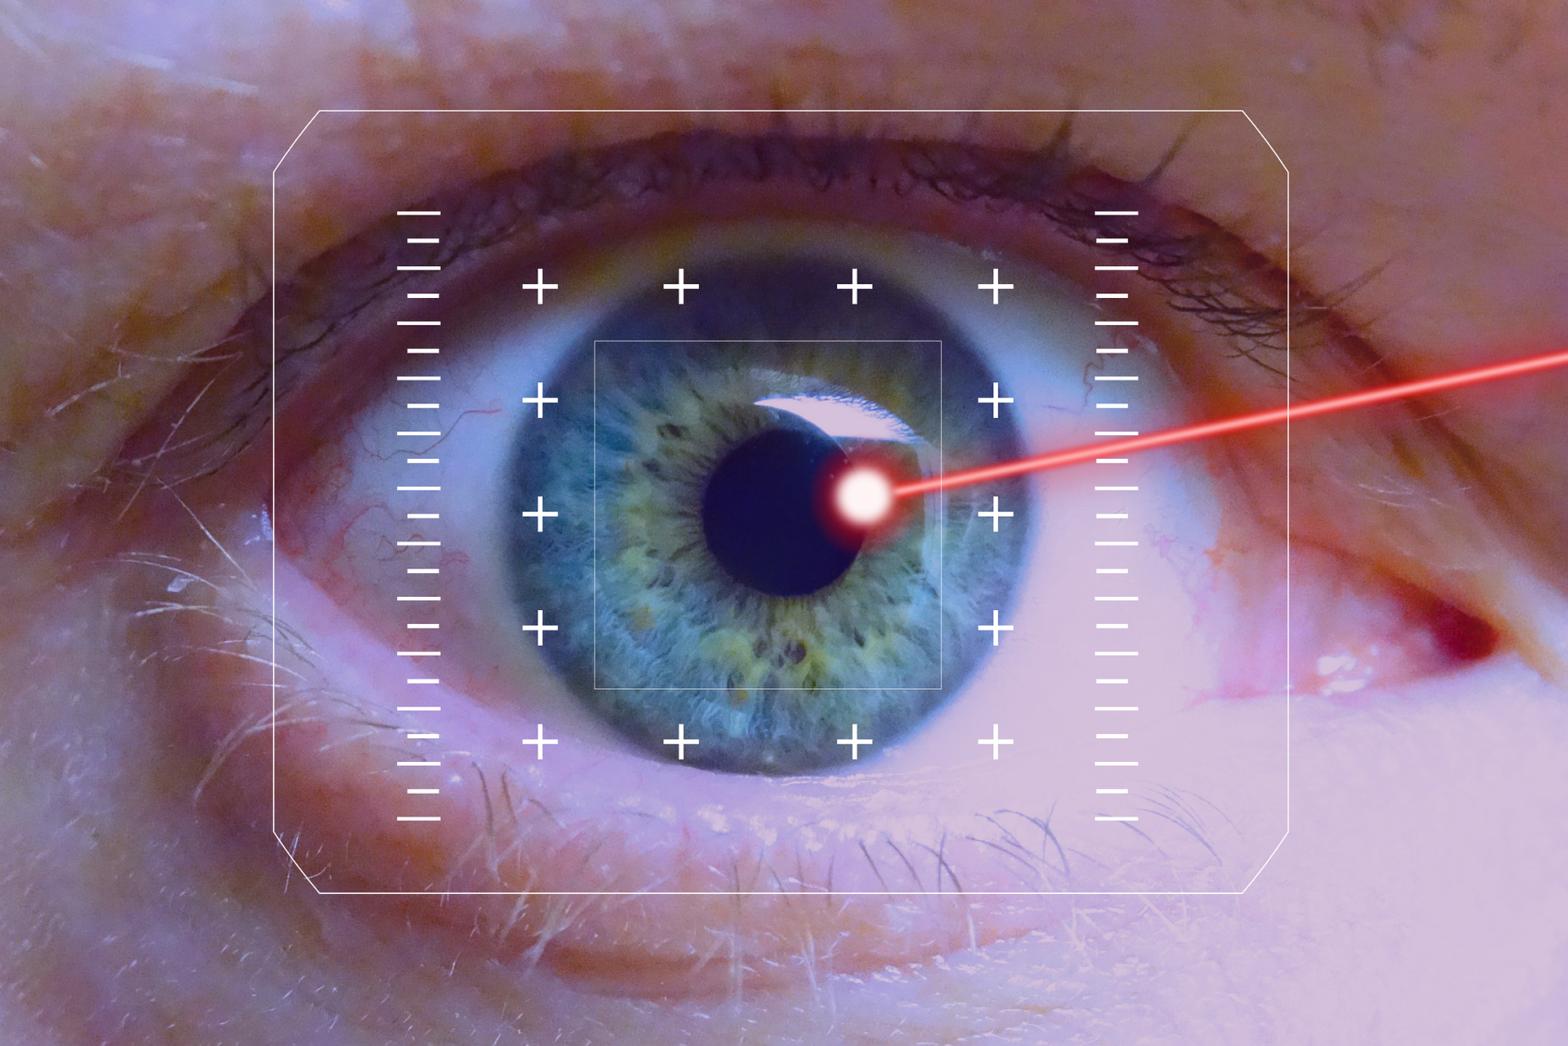 Få hjælp af en rigtig øjenlæge